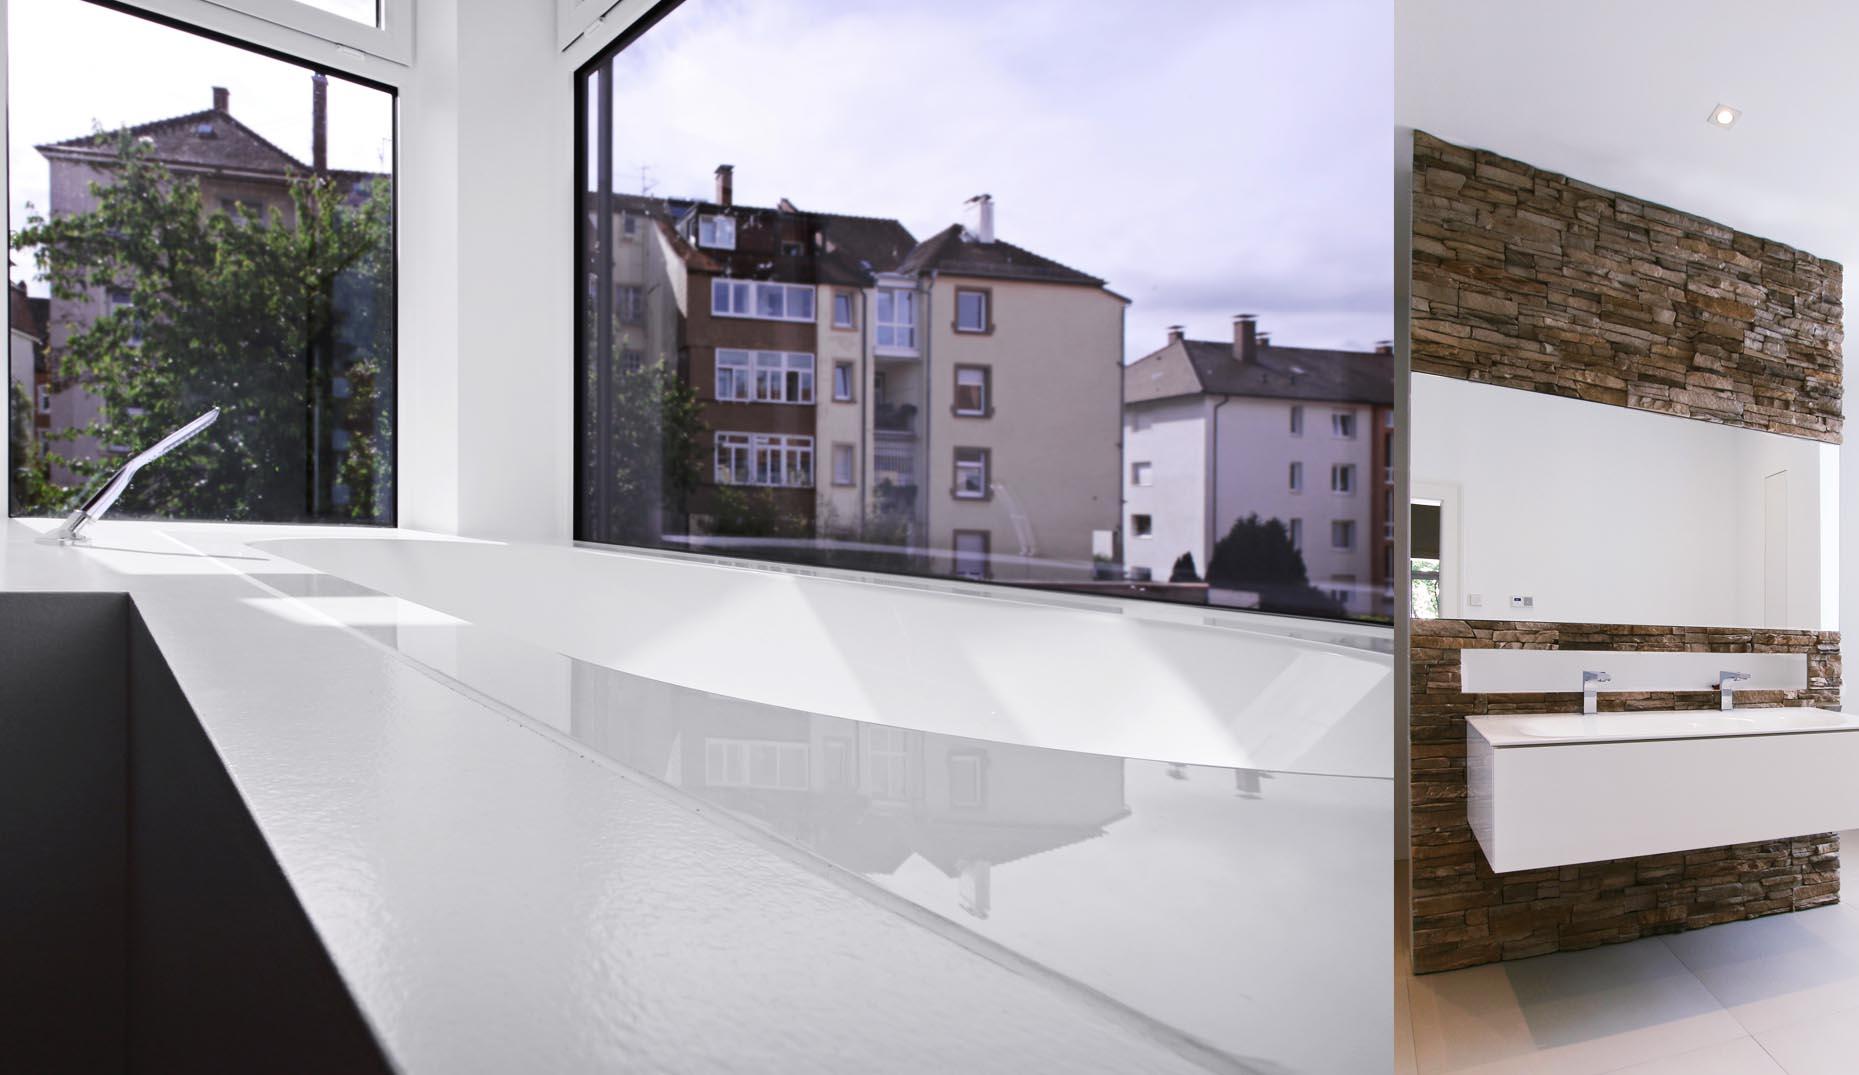 Eine sanierte Altbauwohnung in Freiburg Wiehre